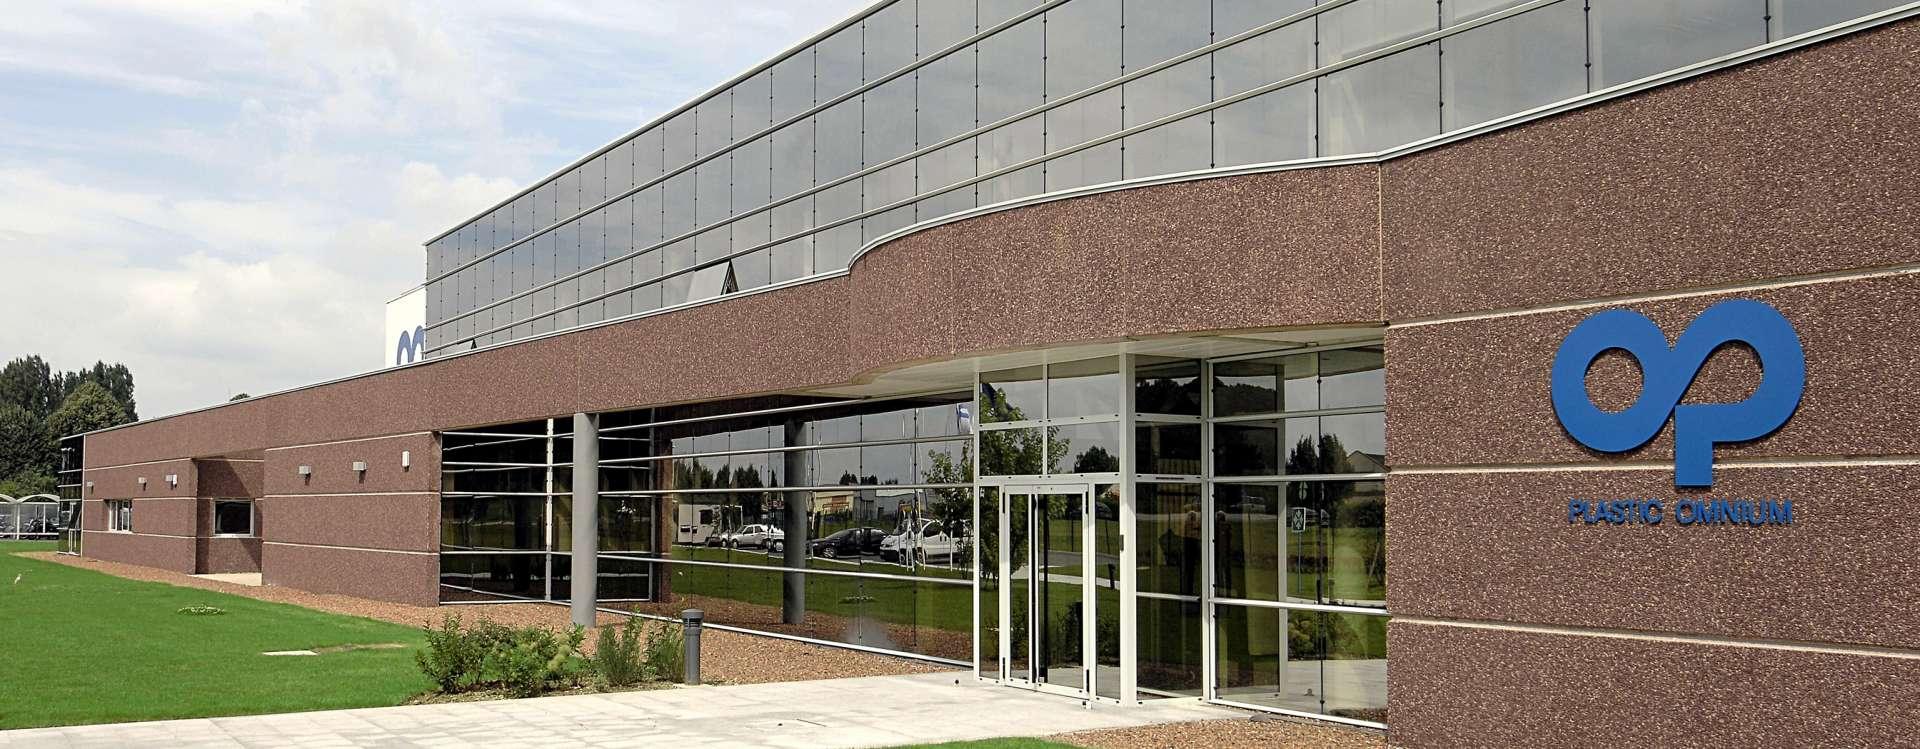 Plastic Omnium à Ruitz, le bâtiment industriel réalisé en 7 mois